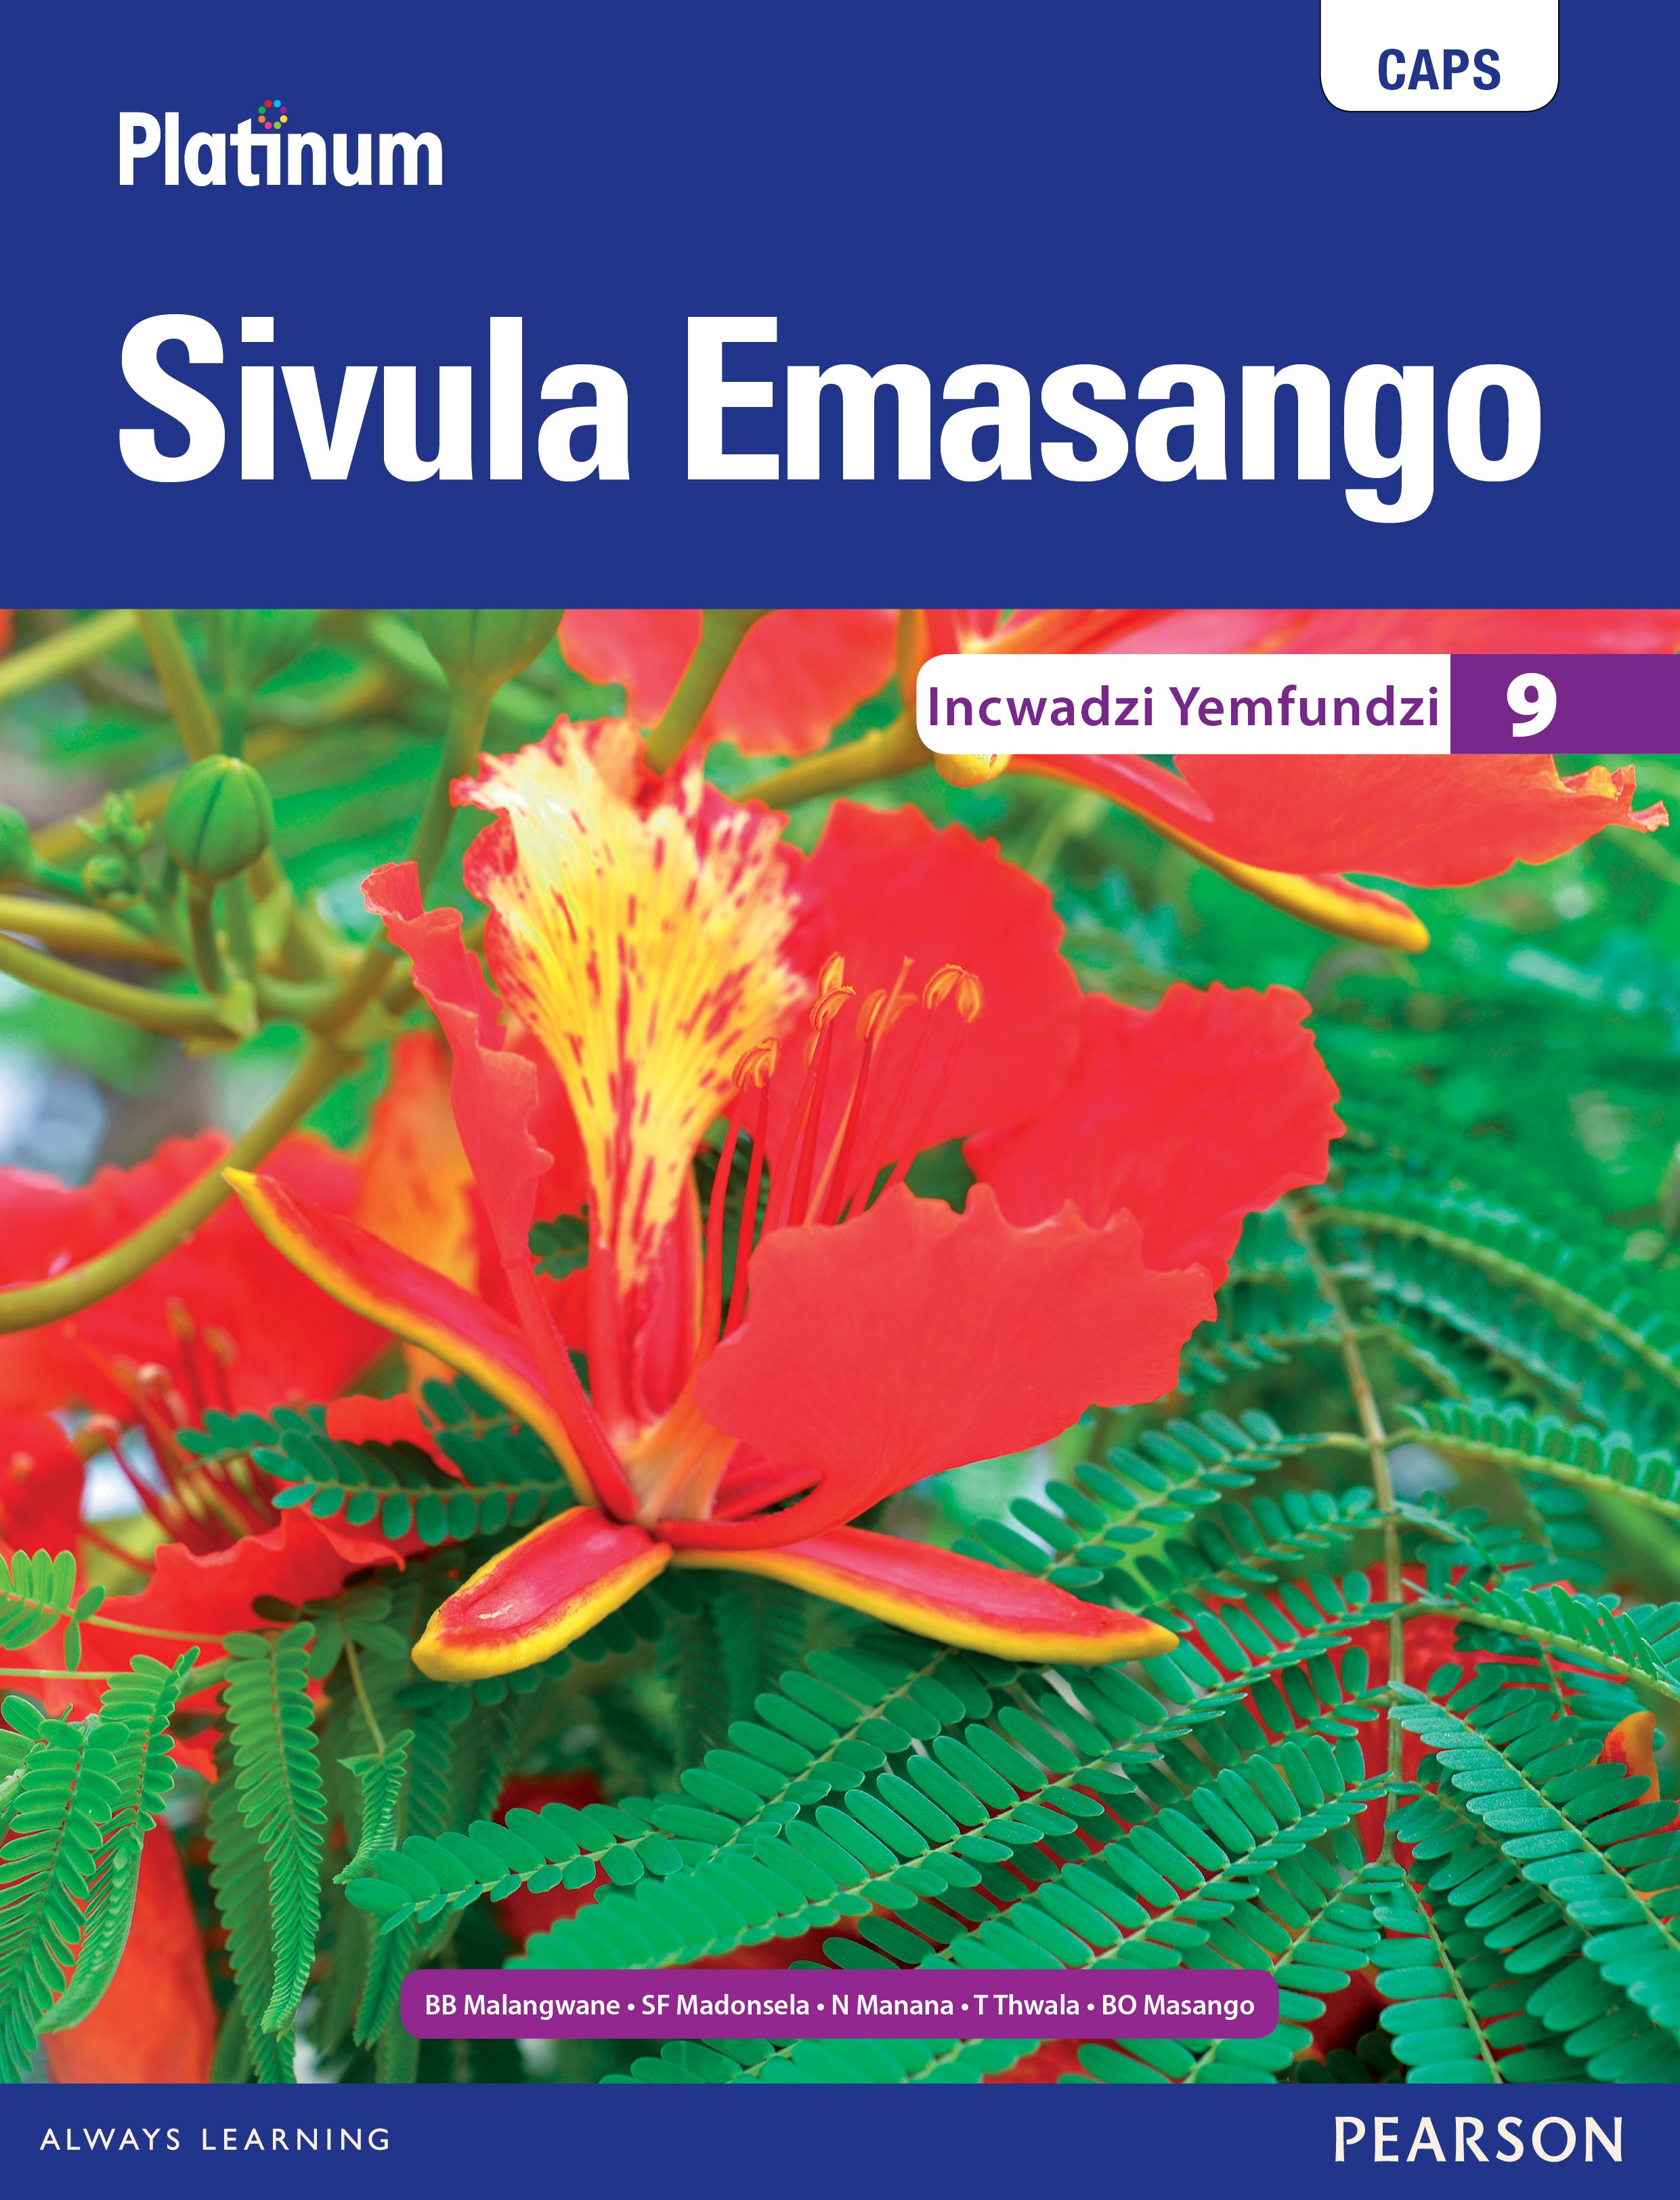 Picture of Platinum Sivula Emasango CAPS: Platinum Sivula Emasango: Grade 9: Learner's book Gr 9: Learner's Book